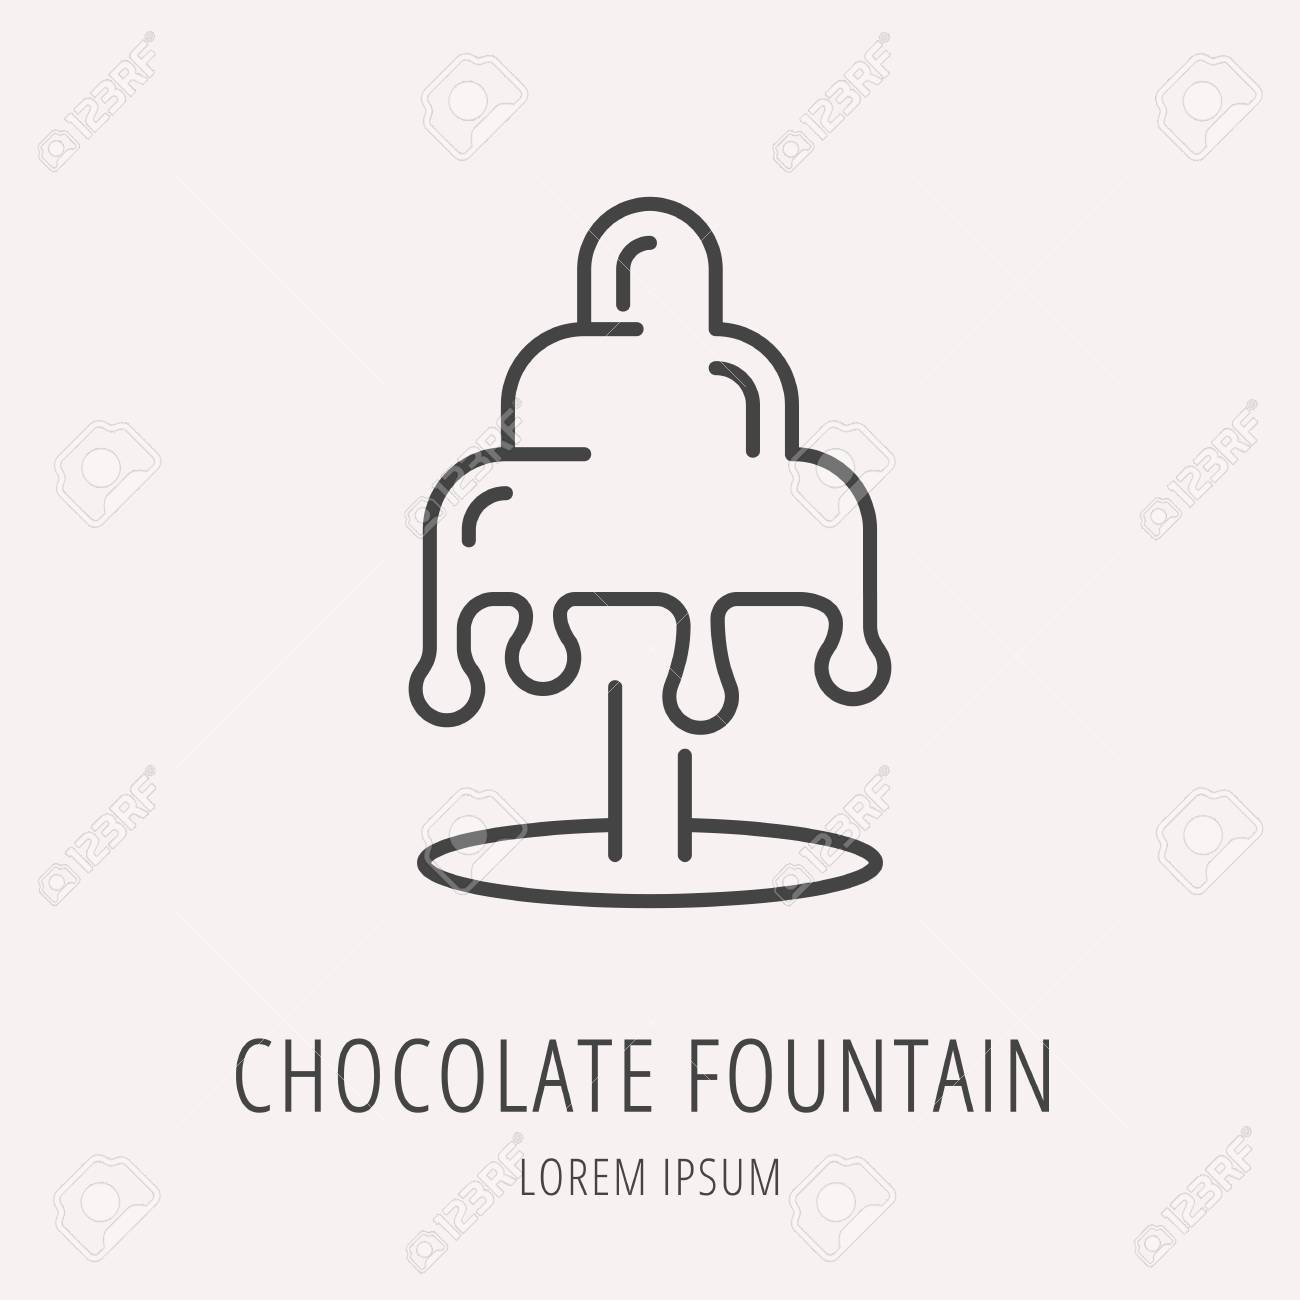 Logotipo O Etiqueta De Fuente De Chocolate. Logotipo Estilo De Línea ...